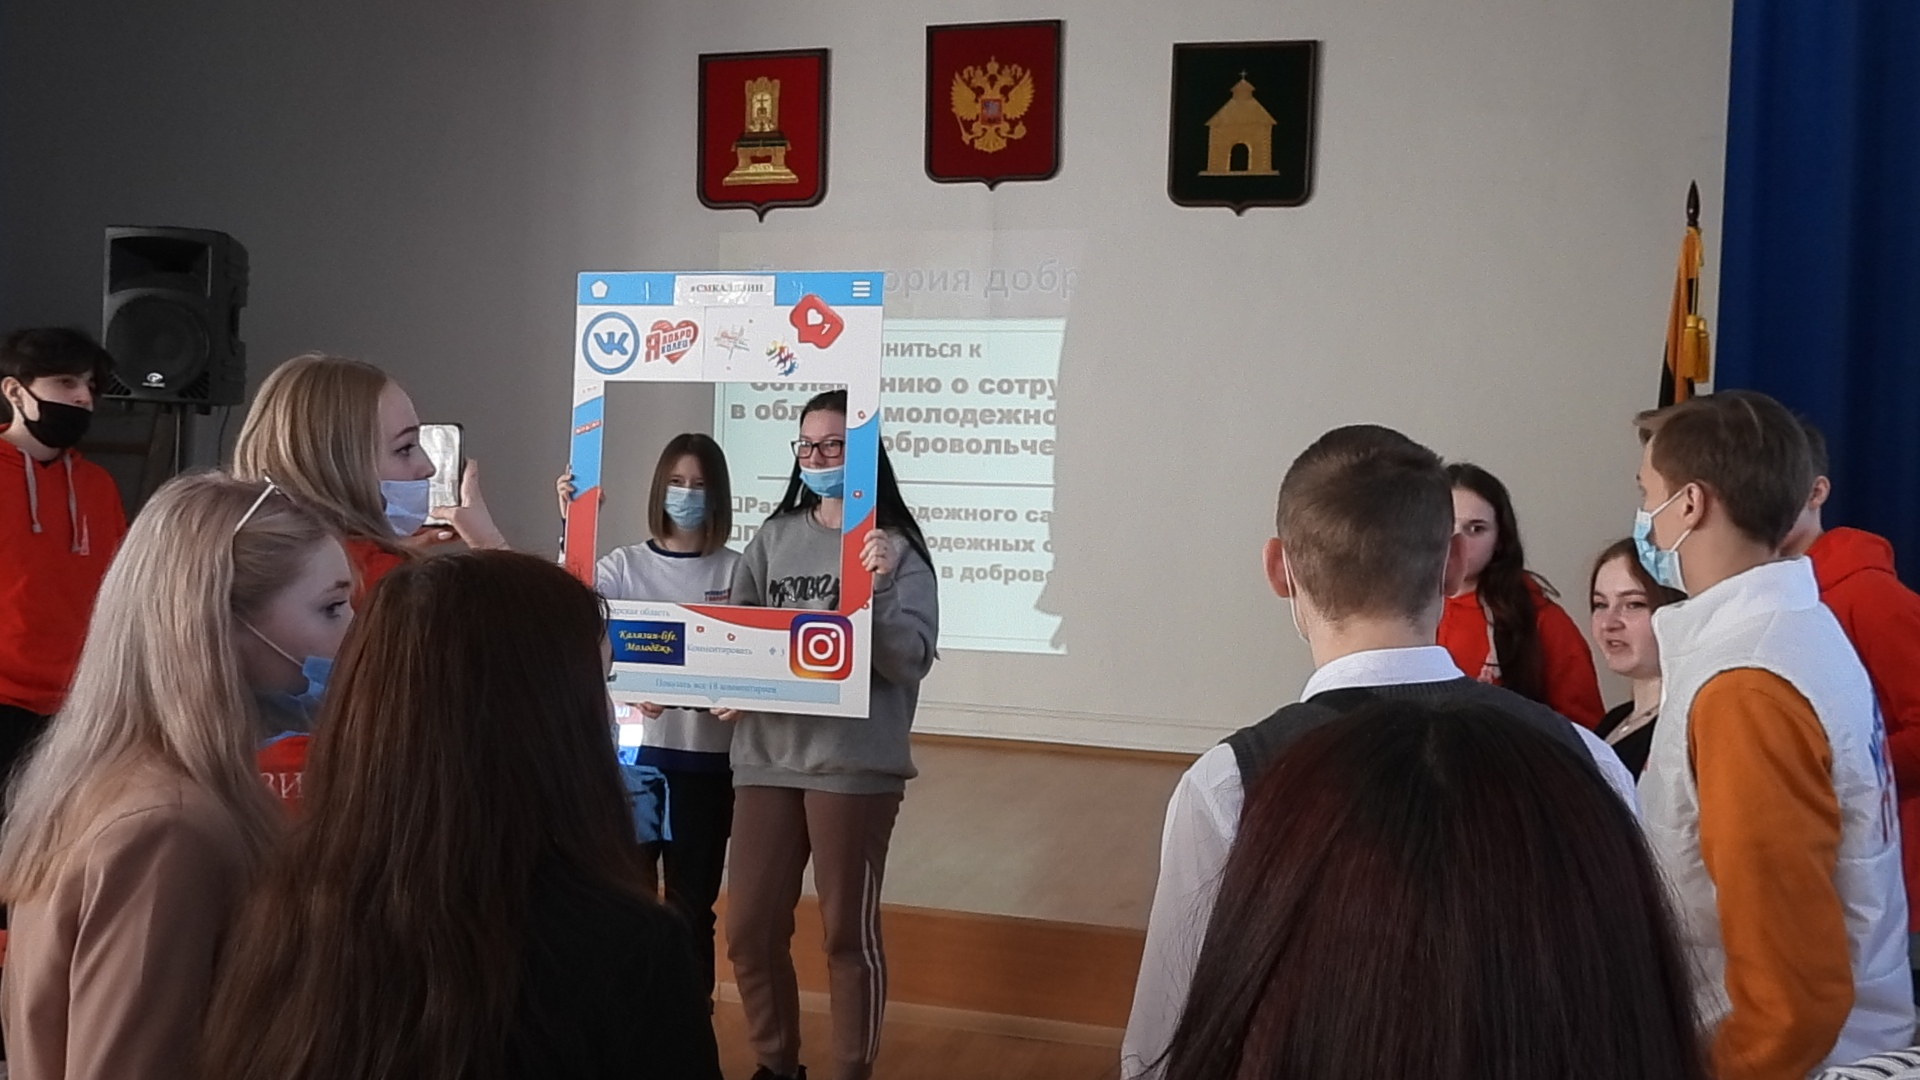 В Калязине открылся межмуниципальный молодежный форум